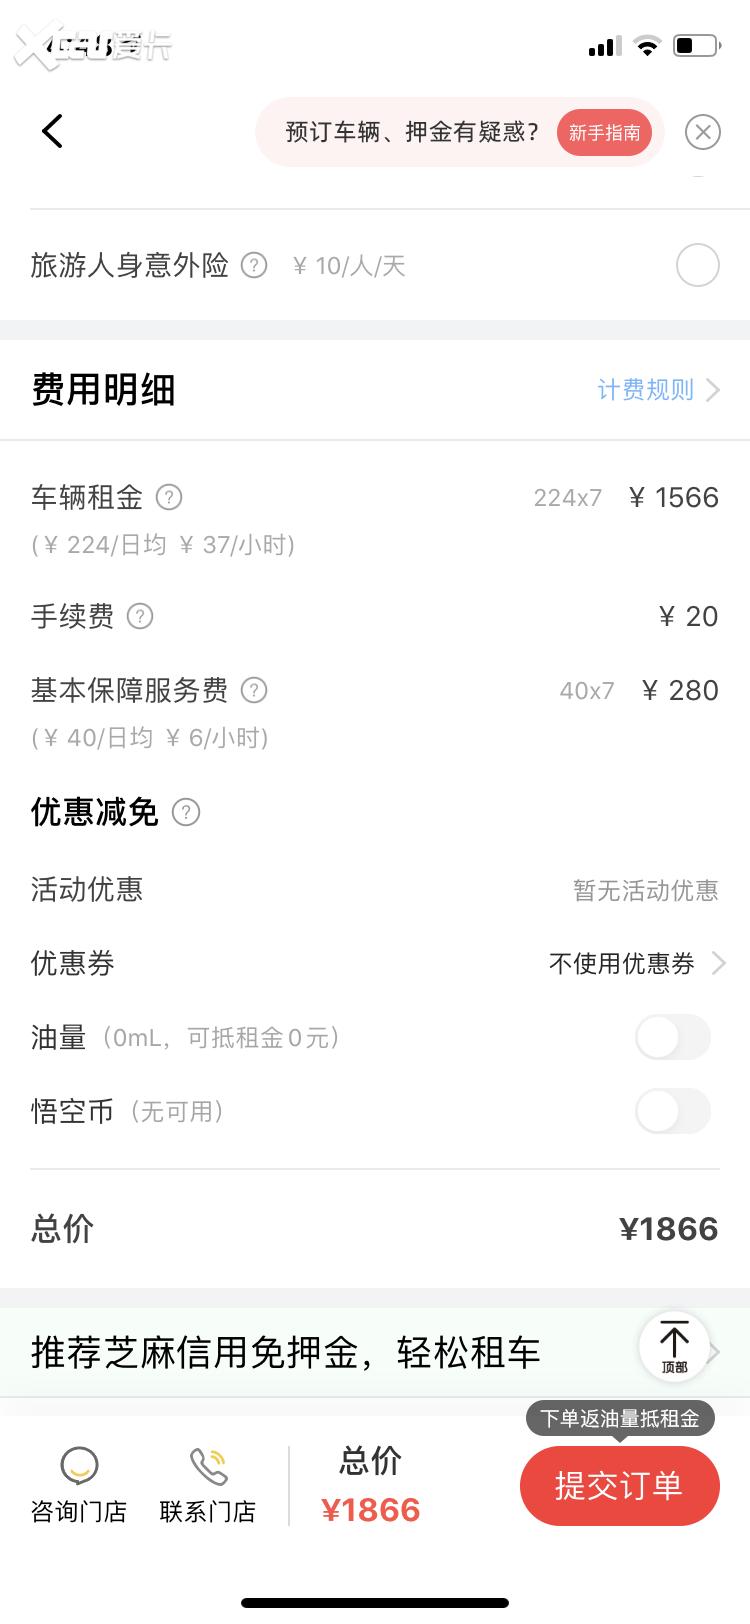 悟空租车4